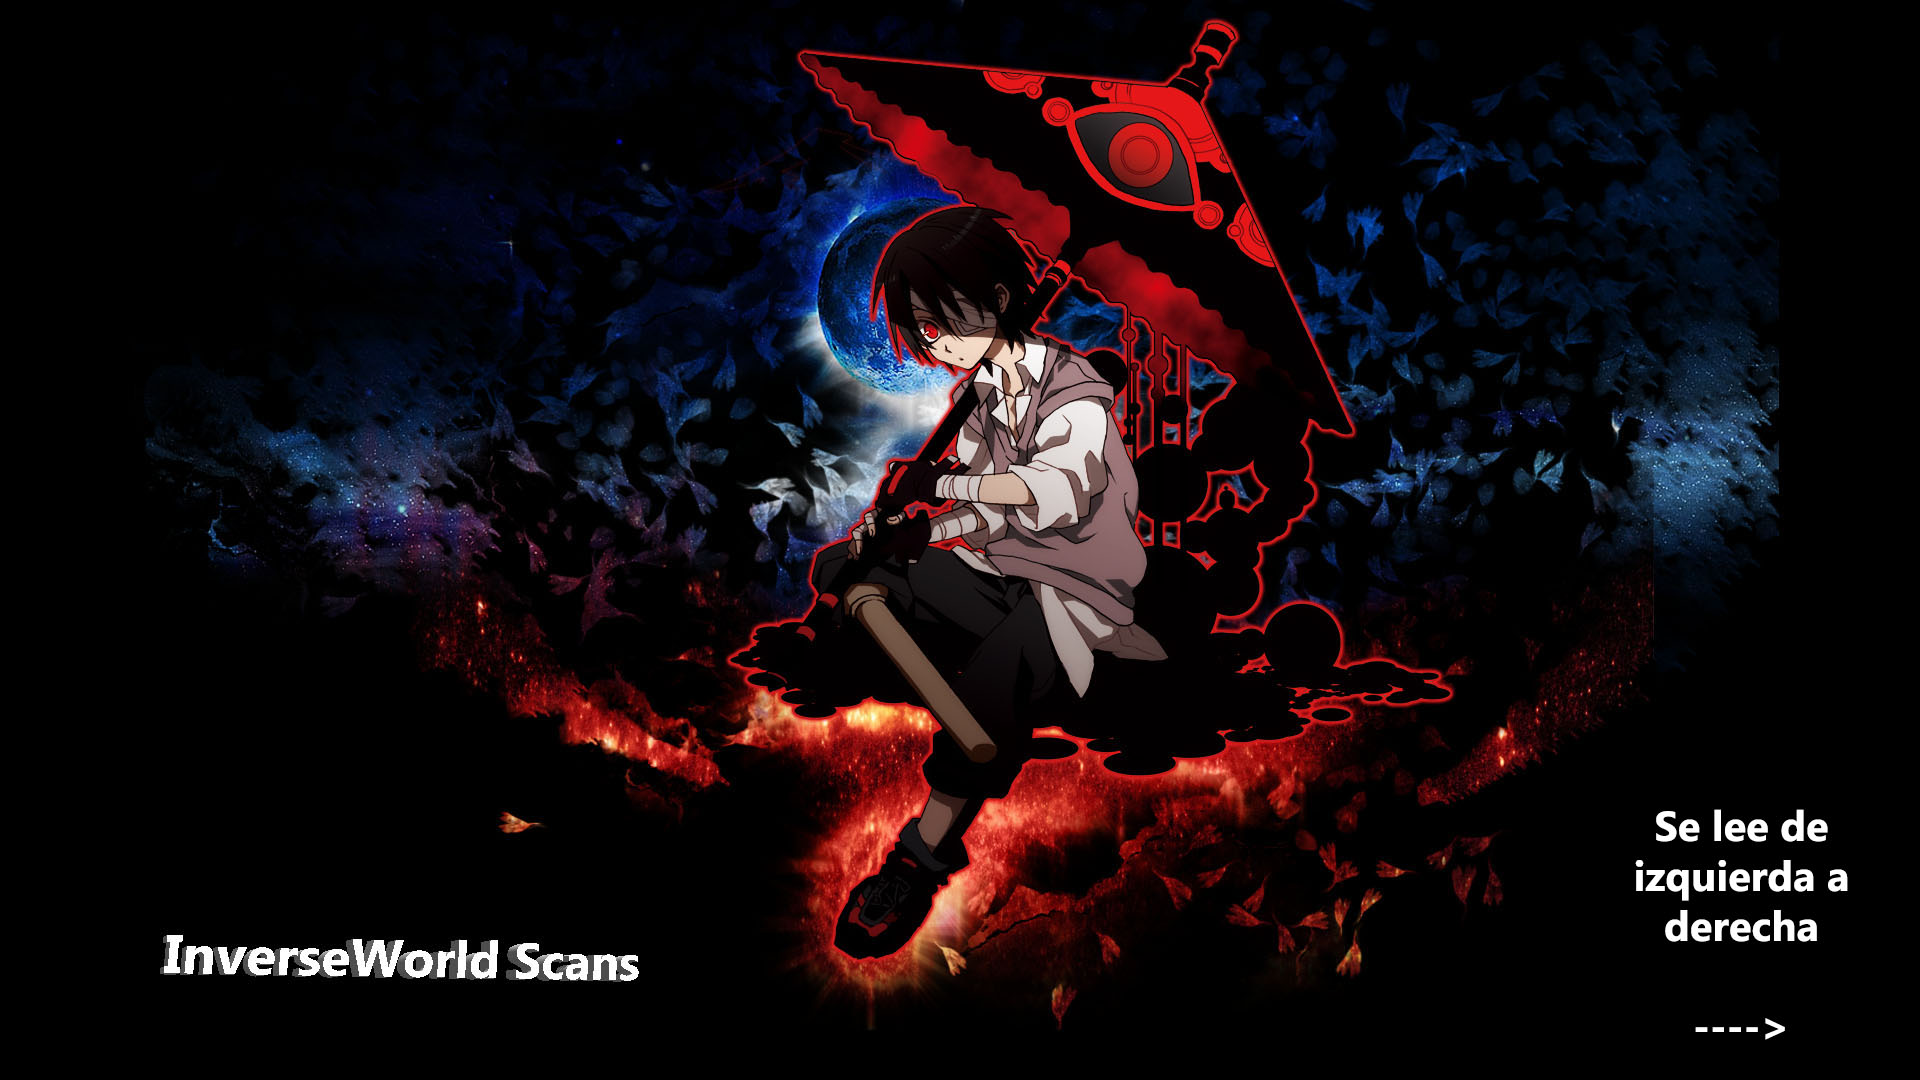 https://c5.mangatag.com/es_manga/18/16210/415341/a793d307441615af6aaad7497a75de59.jpg Page 1